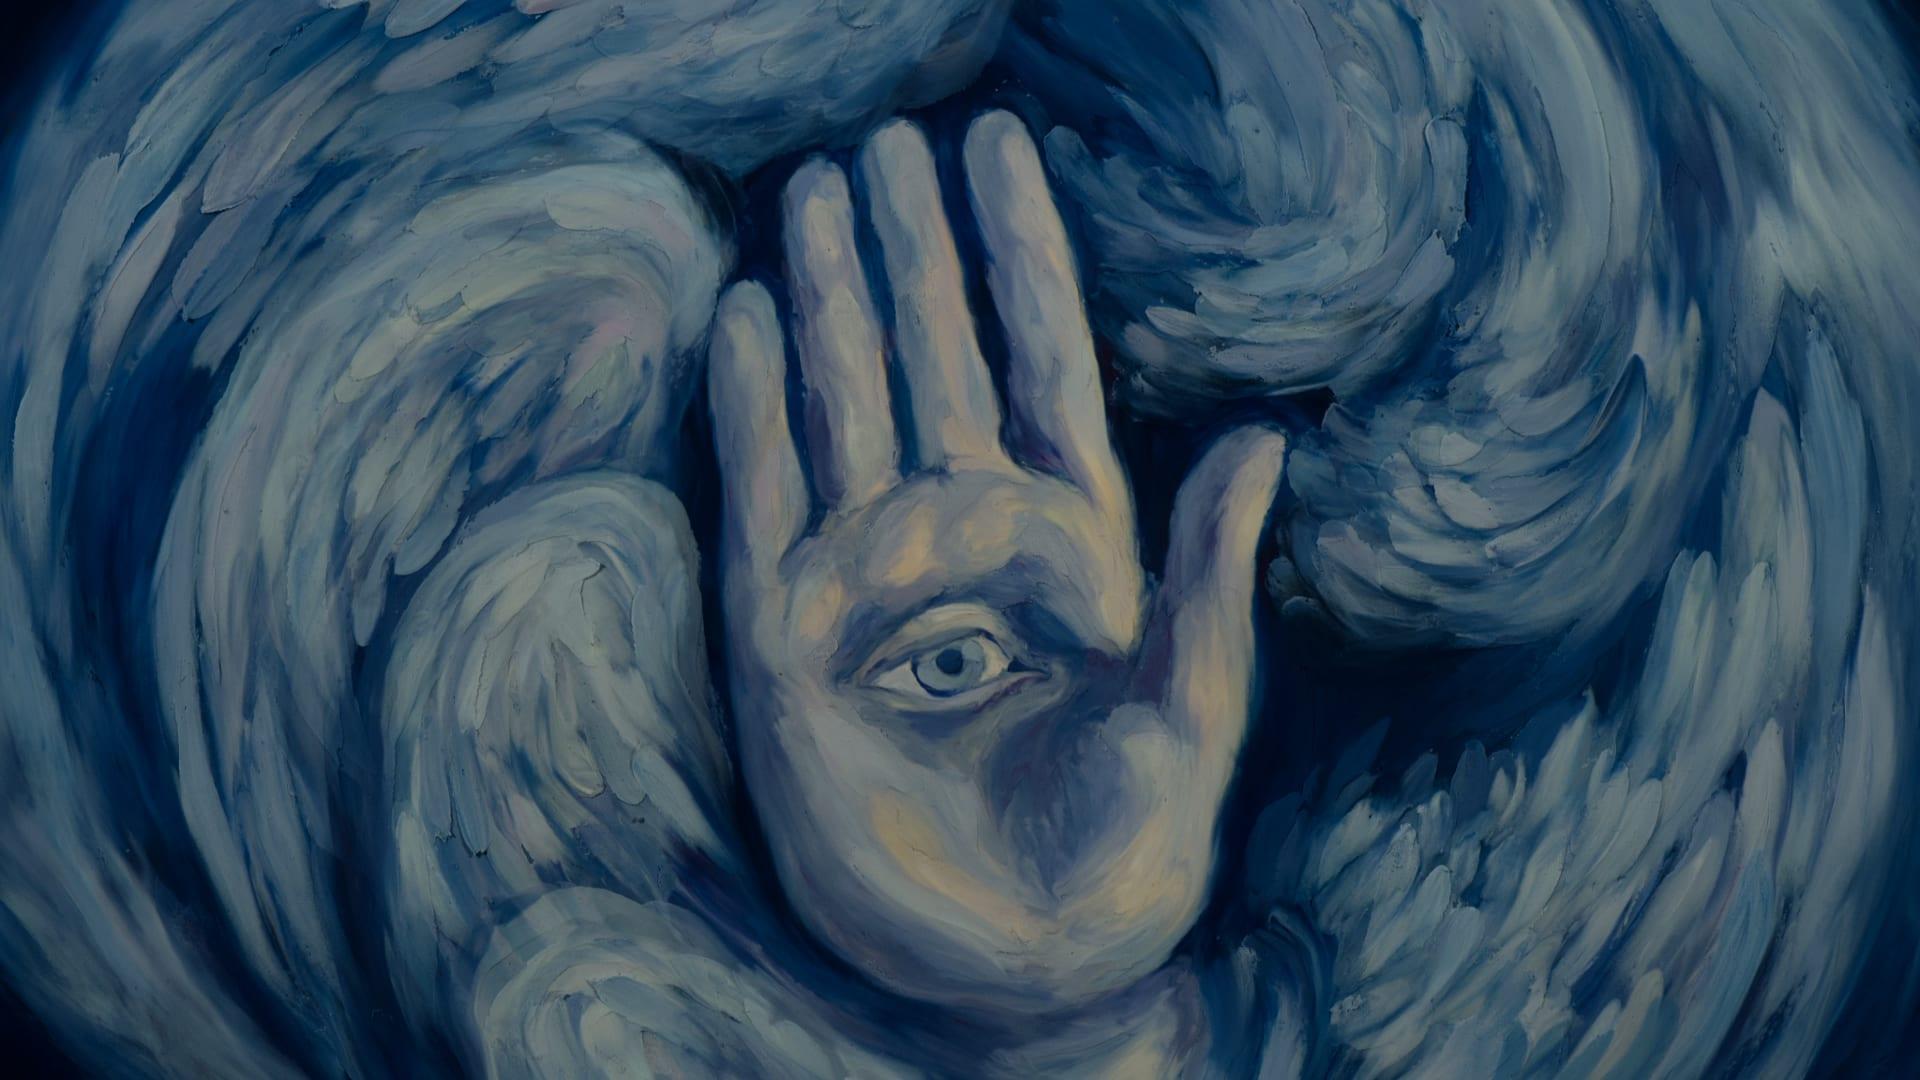 kahlil gibran painting